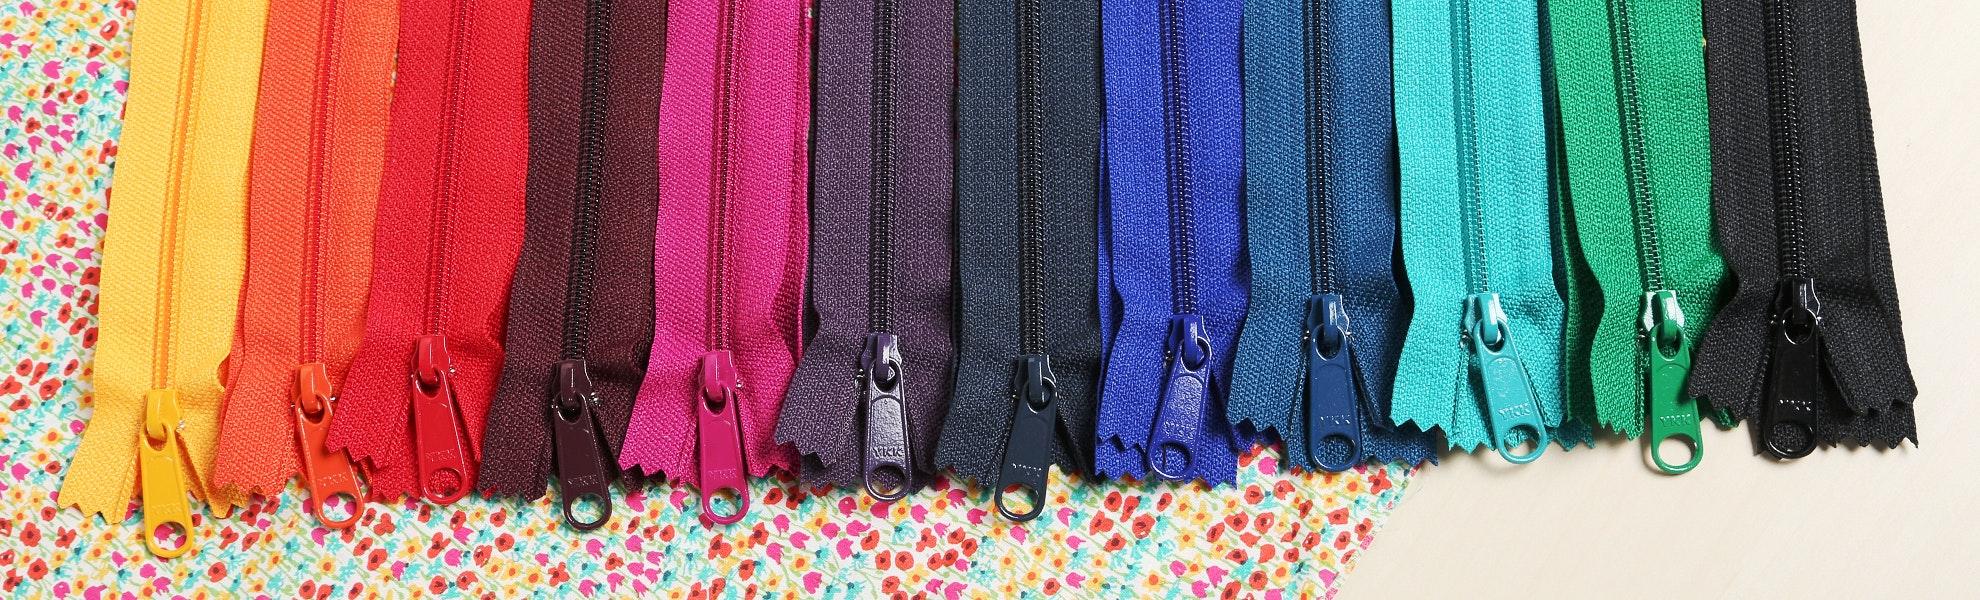 ByAnnie's Zipper Sets